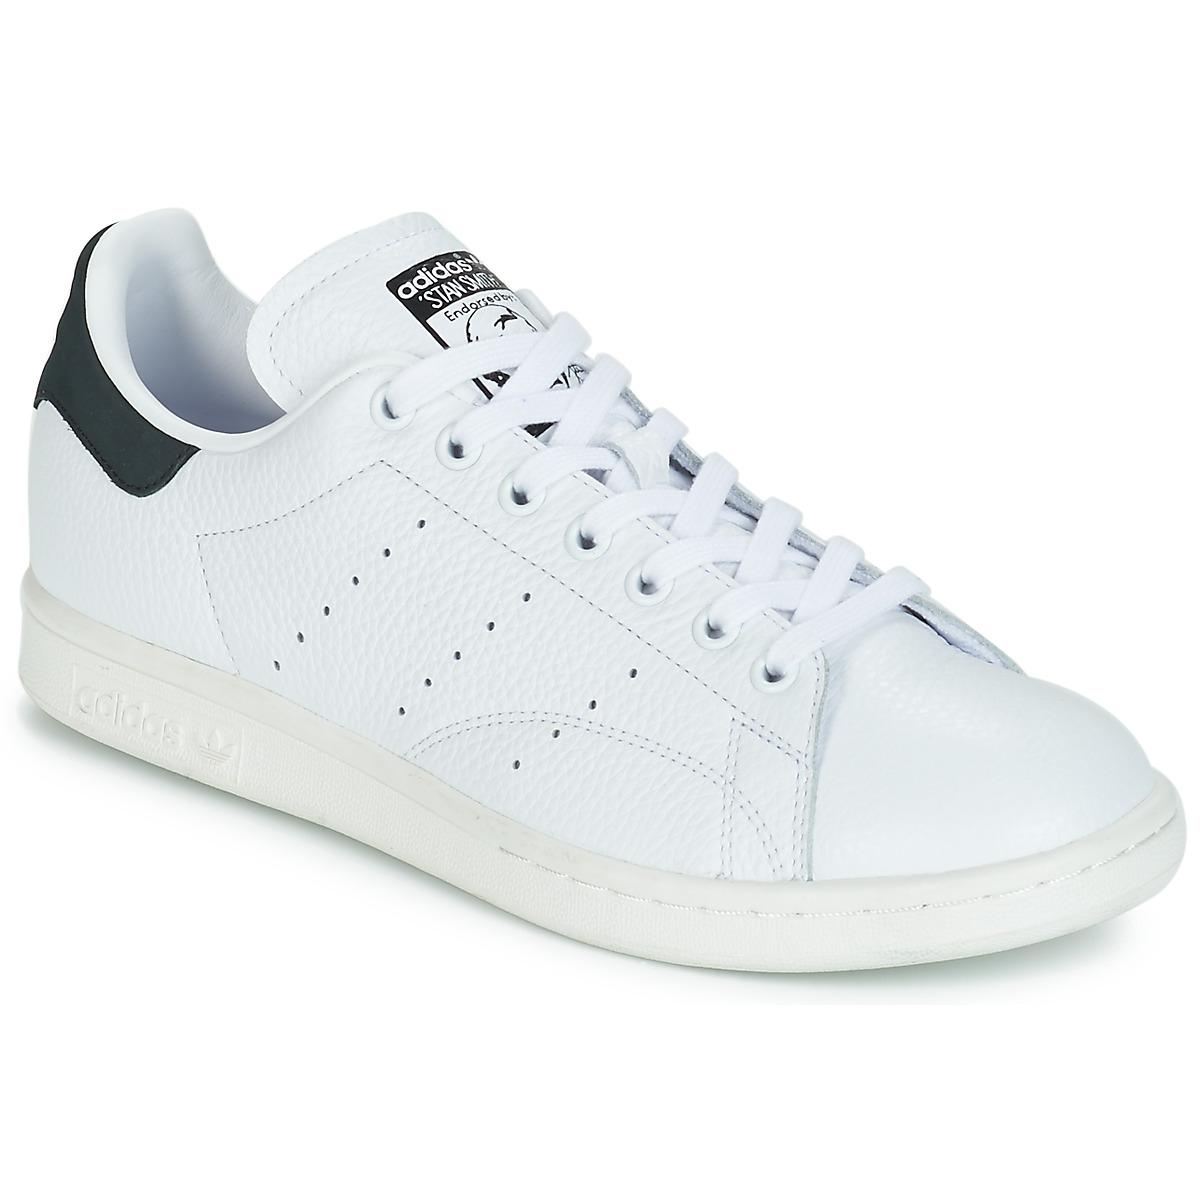 reputable site 13f6b 23fde Adidas Adidas Adidas Originals STAN SMITH Blanco Negro - Nueva promoción -  Zapatos Deportivas bajas 86a6e2